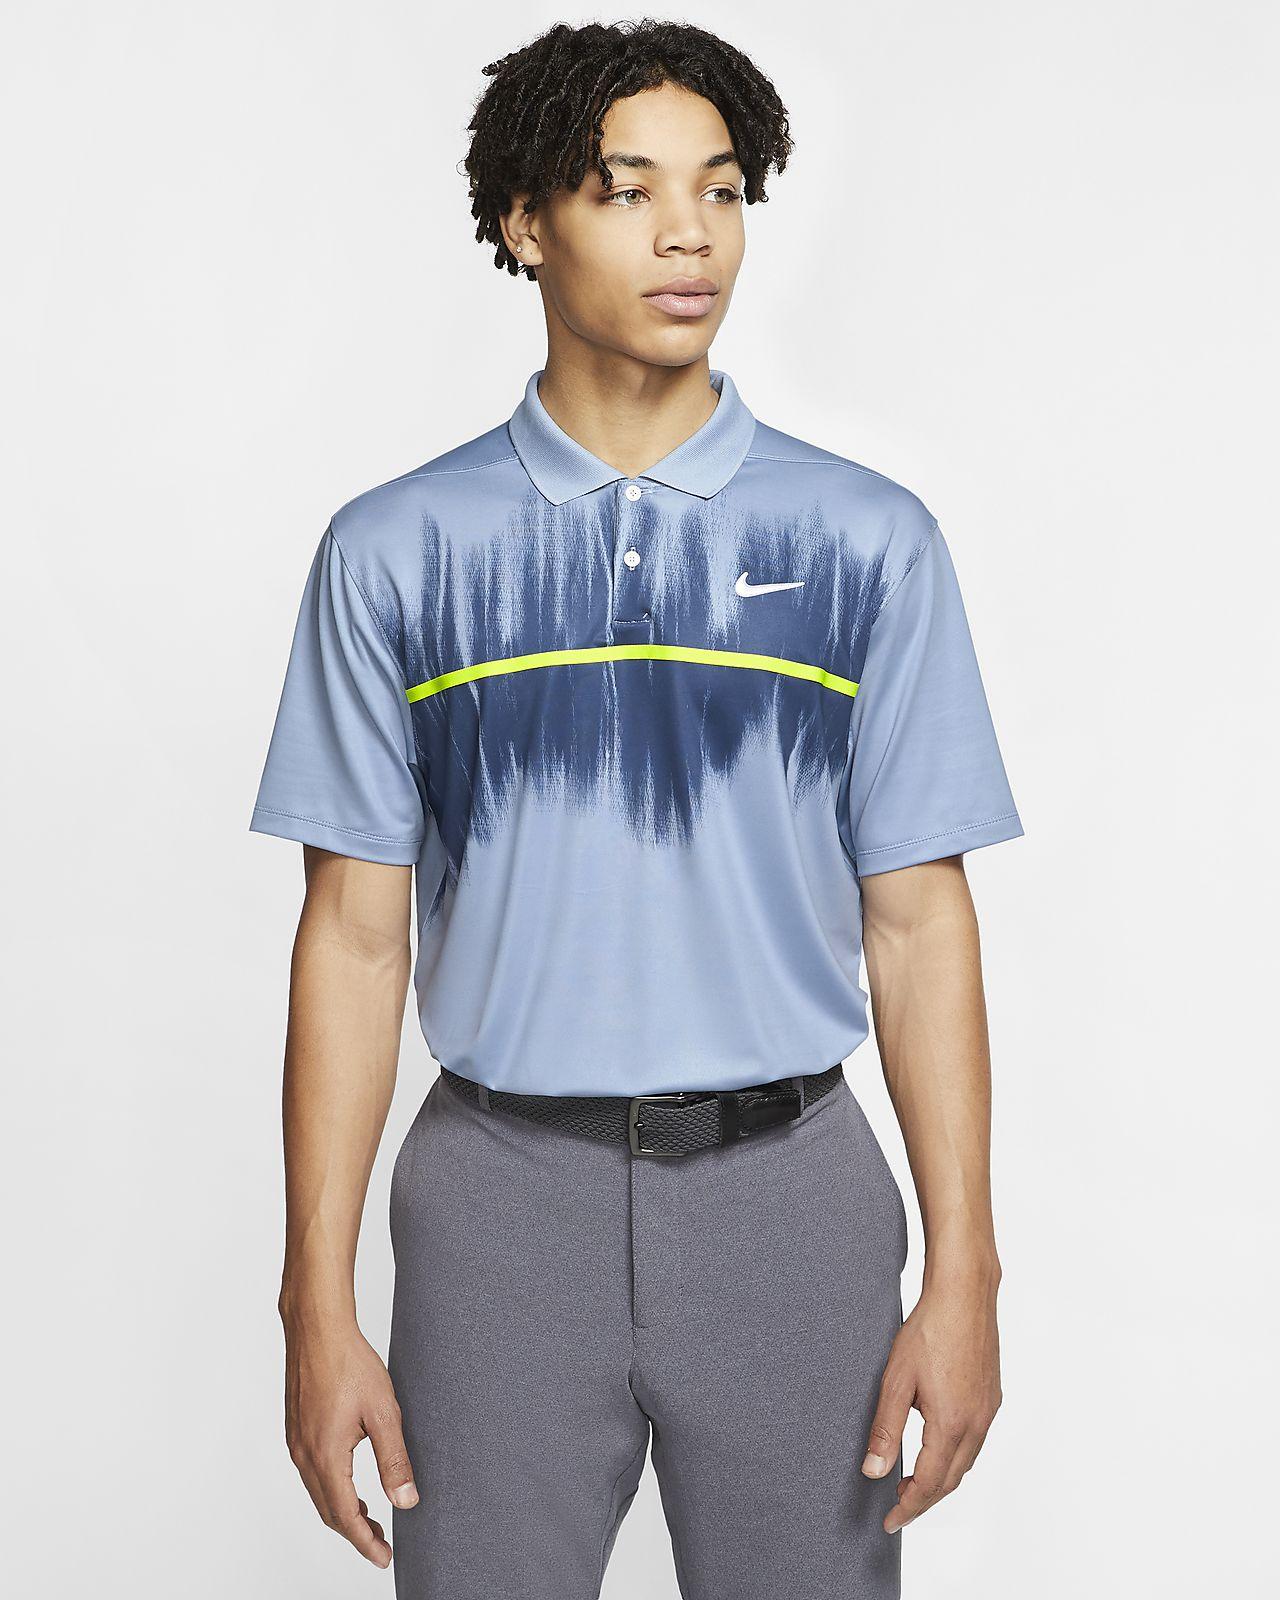 Nike Dri-FIT Vapor Golf-Poloshirt mit Print für Herren